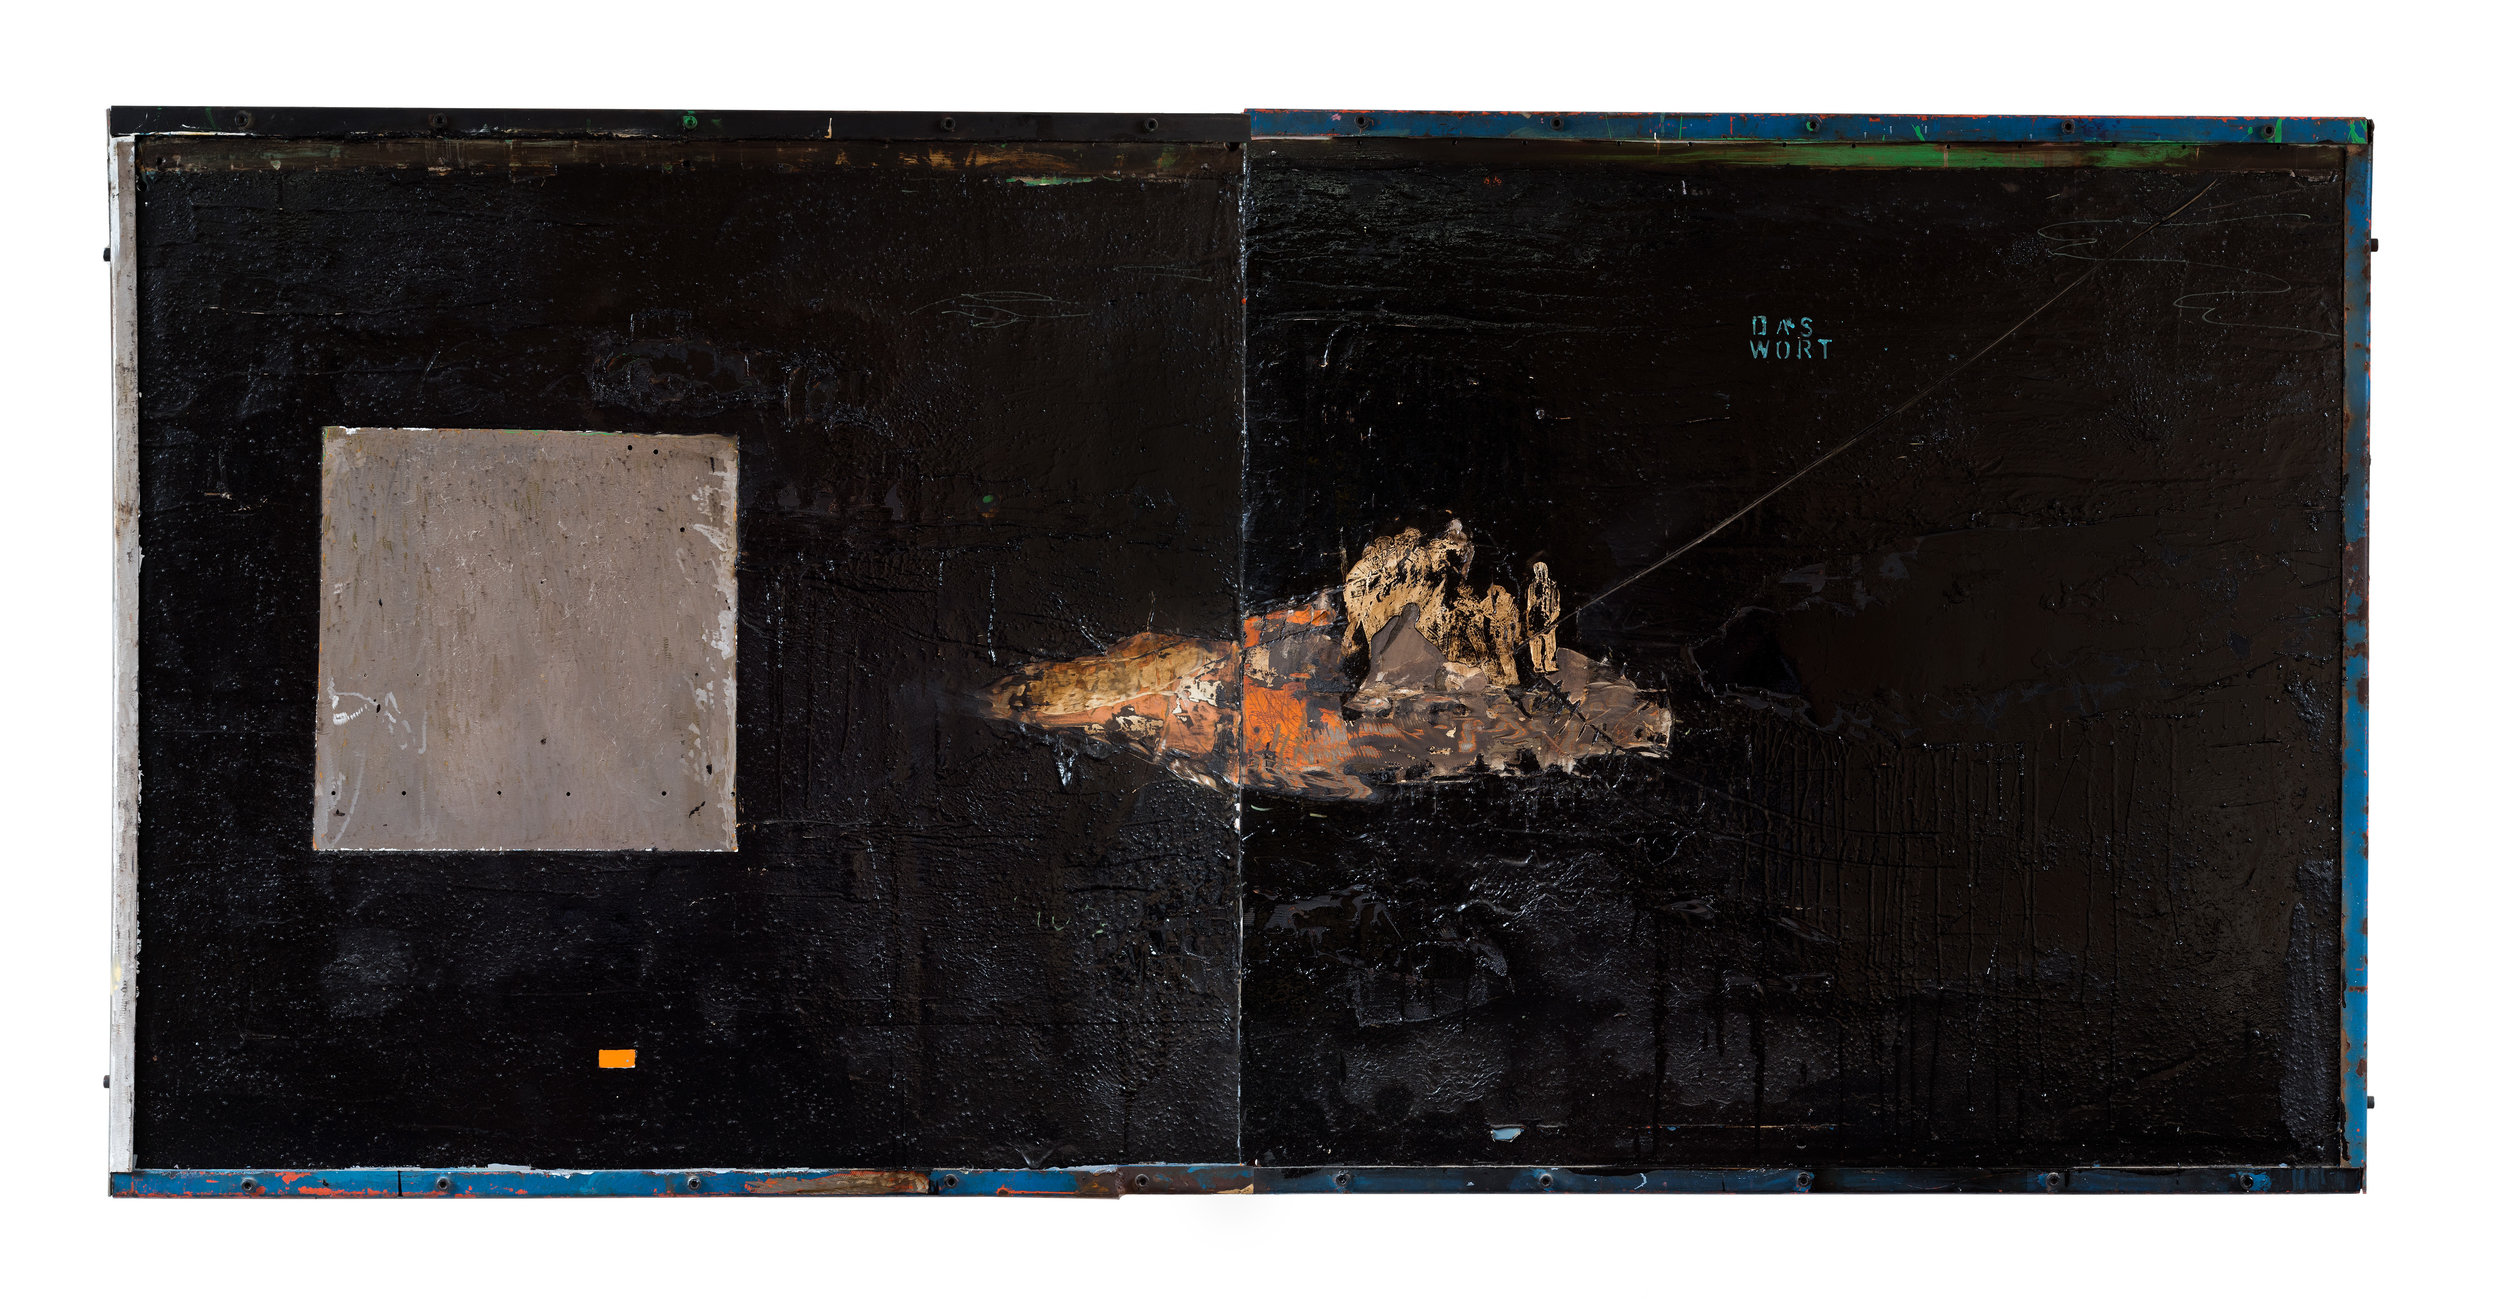 Das wort  2016  Tinta a óleo, tinta acrílica, papel, cola, ação de esmerilhadeira, cimento, vedacit, parafuso Allen, cantoneiras industriais, sobre chapa de ferro laranja  113 x 206 x 9 cm   Coleção Particular